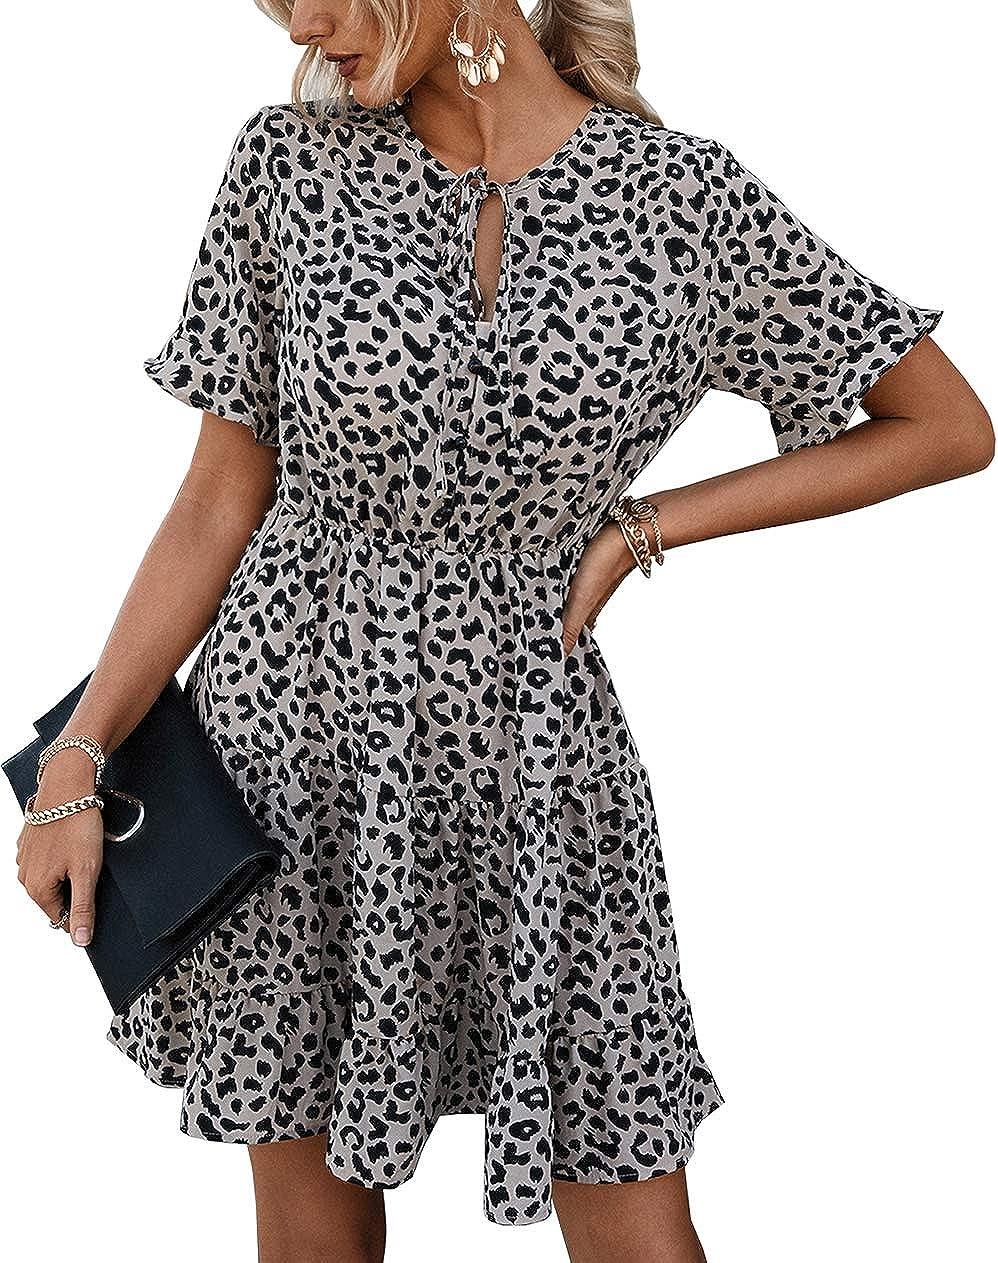 Sundress Patterned dress Cotton summer dress Multi wear dress Beach dress Minidress Light dress Vintage Cotton Dress M Summer dress